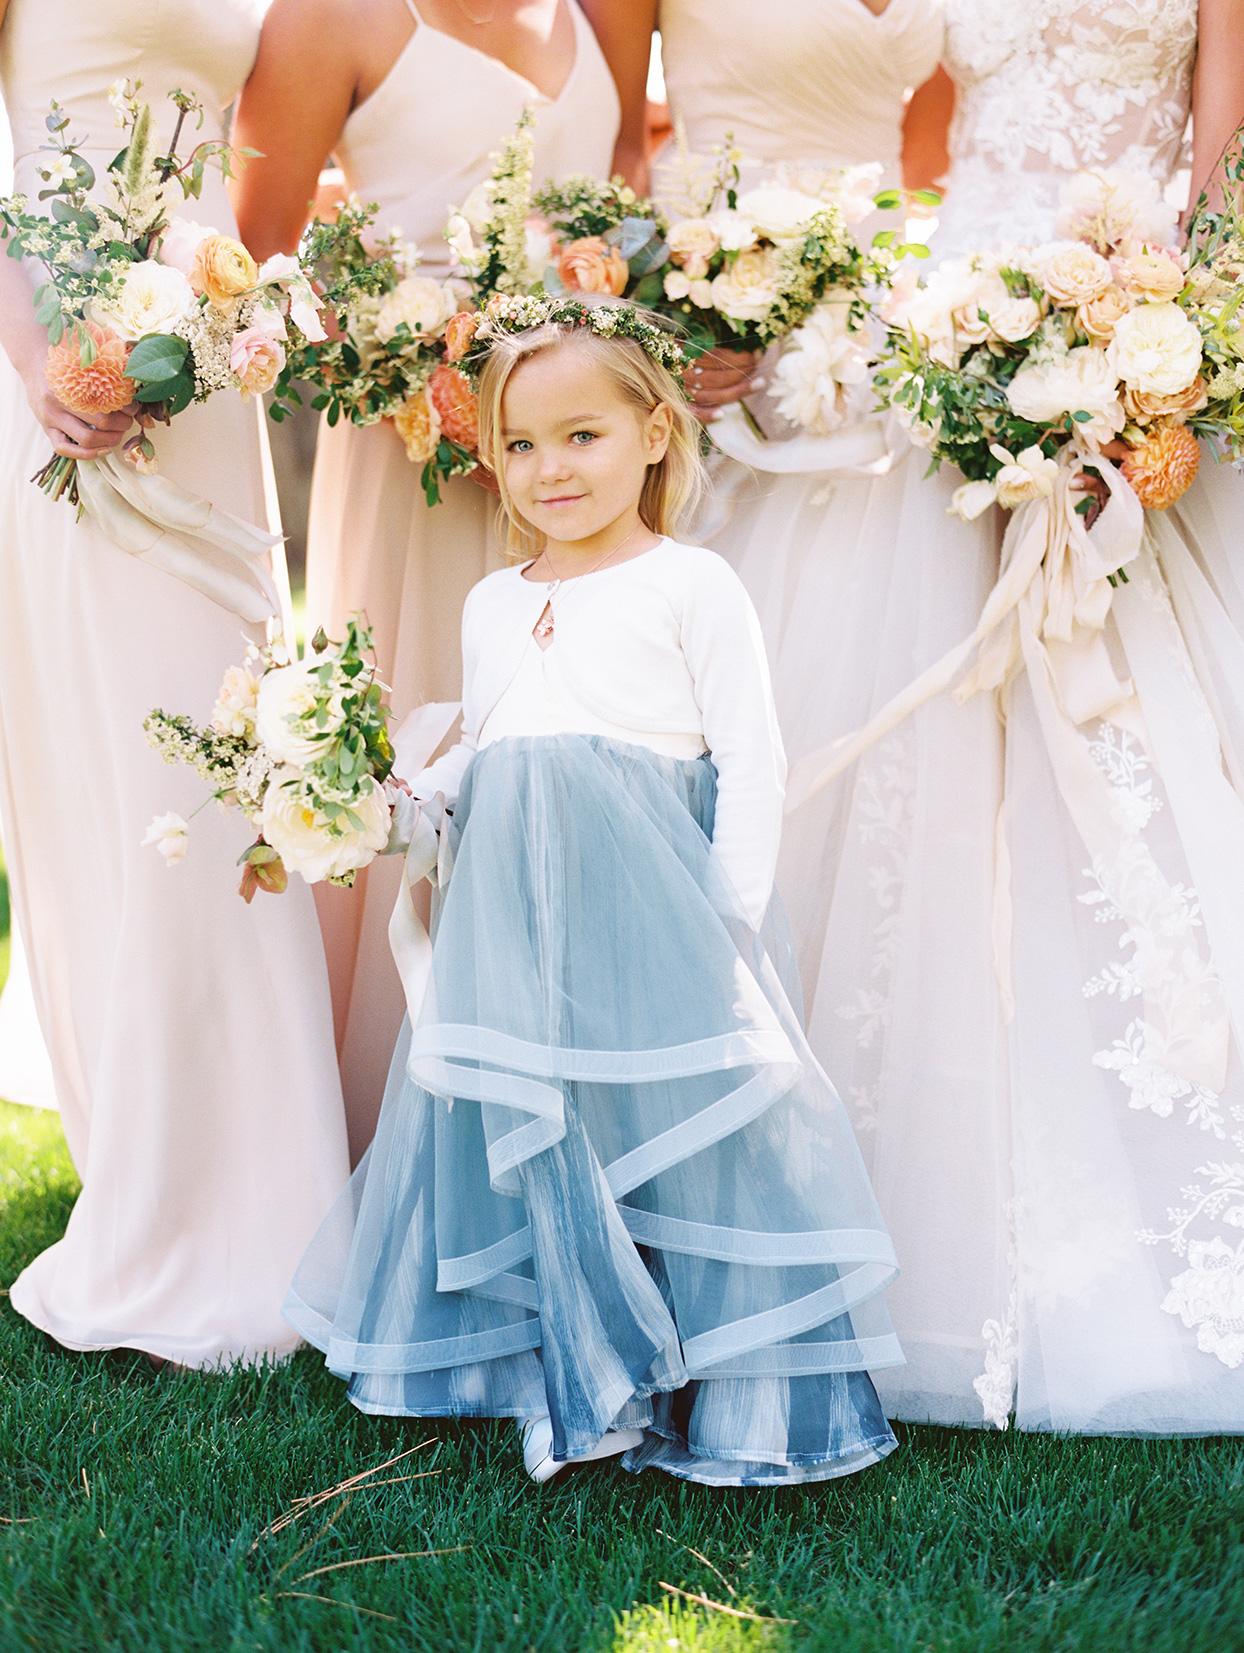 asha andrew wedding flower girl in blue